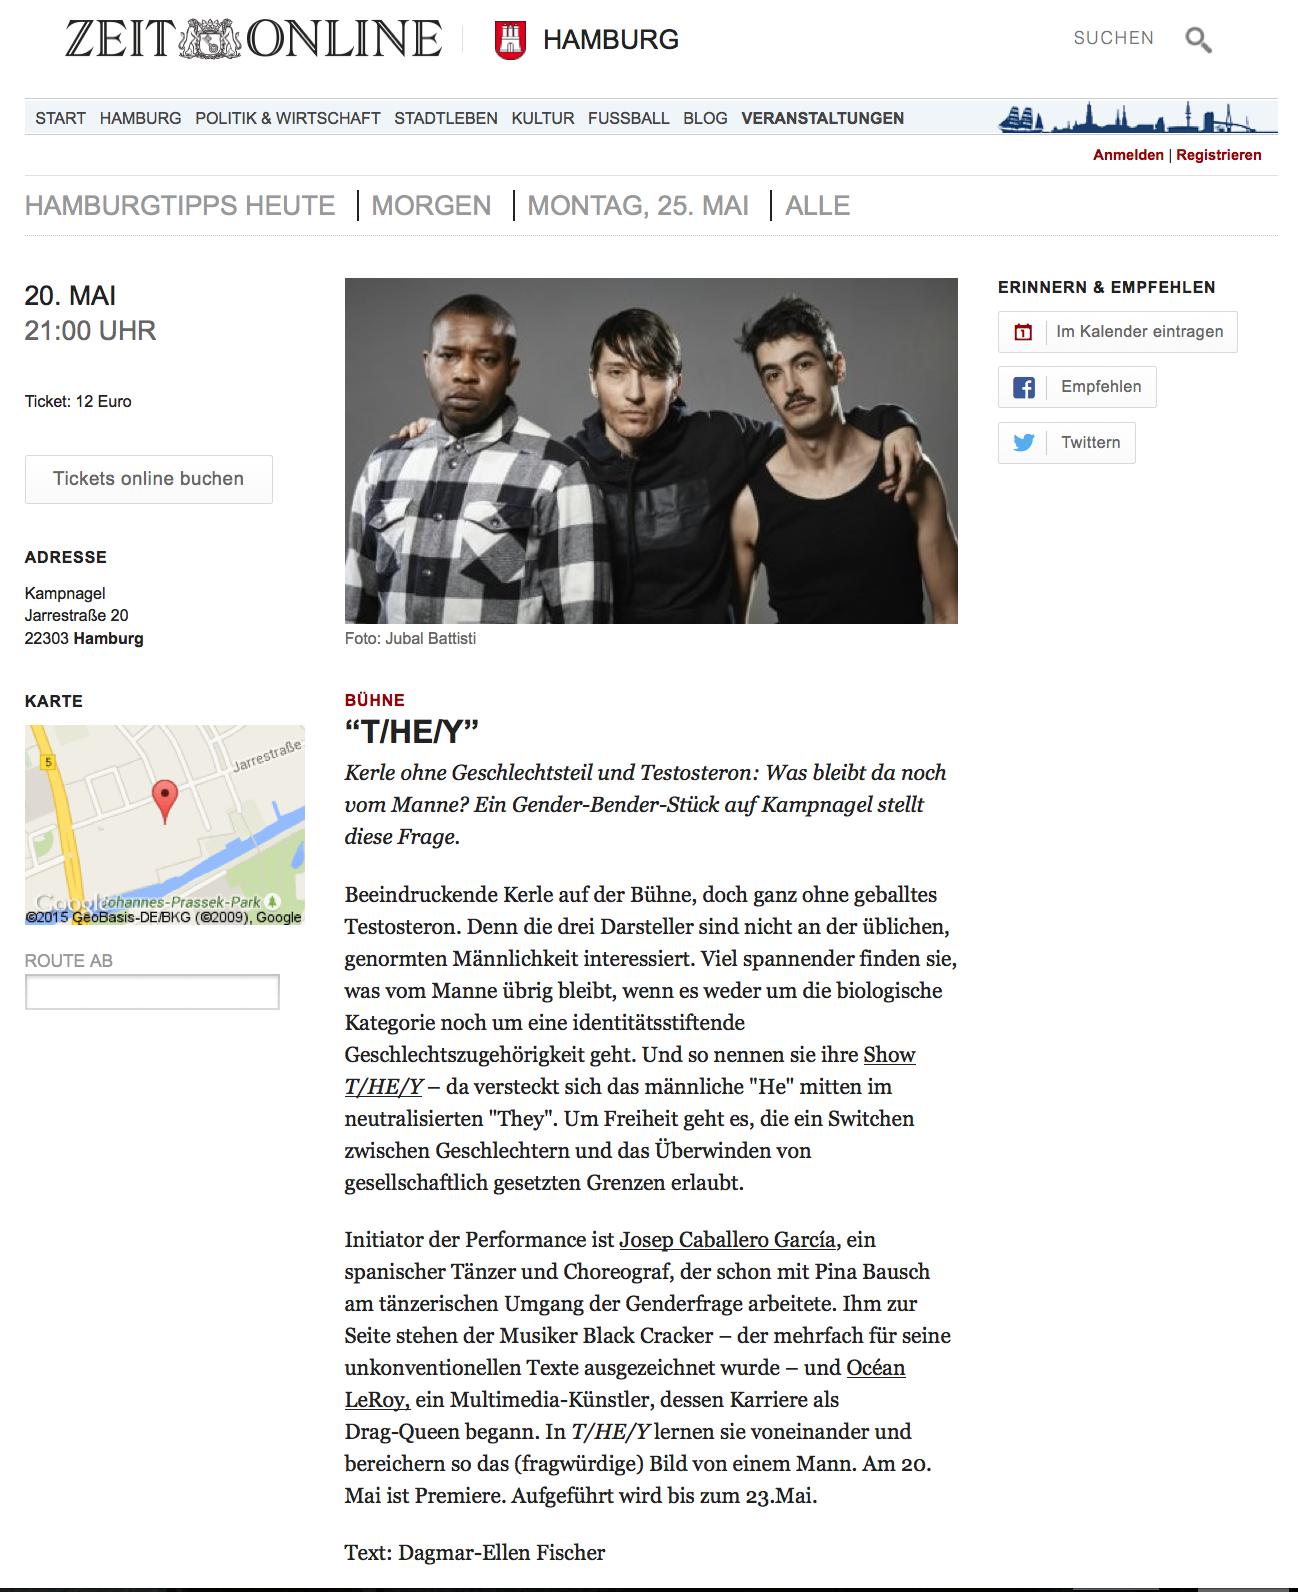 Blog ZEIT Online T/HE/Y